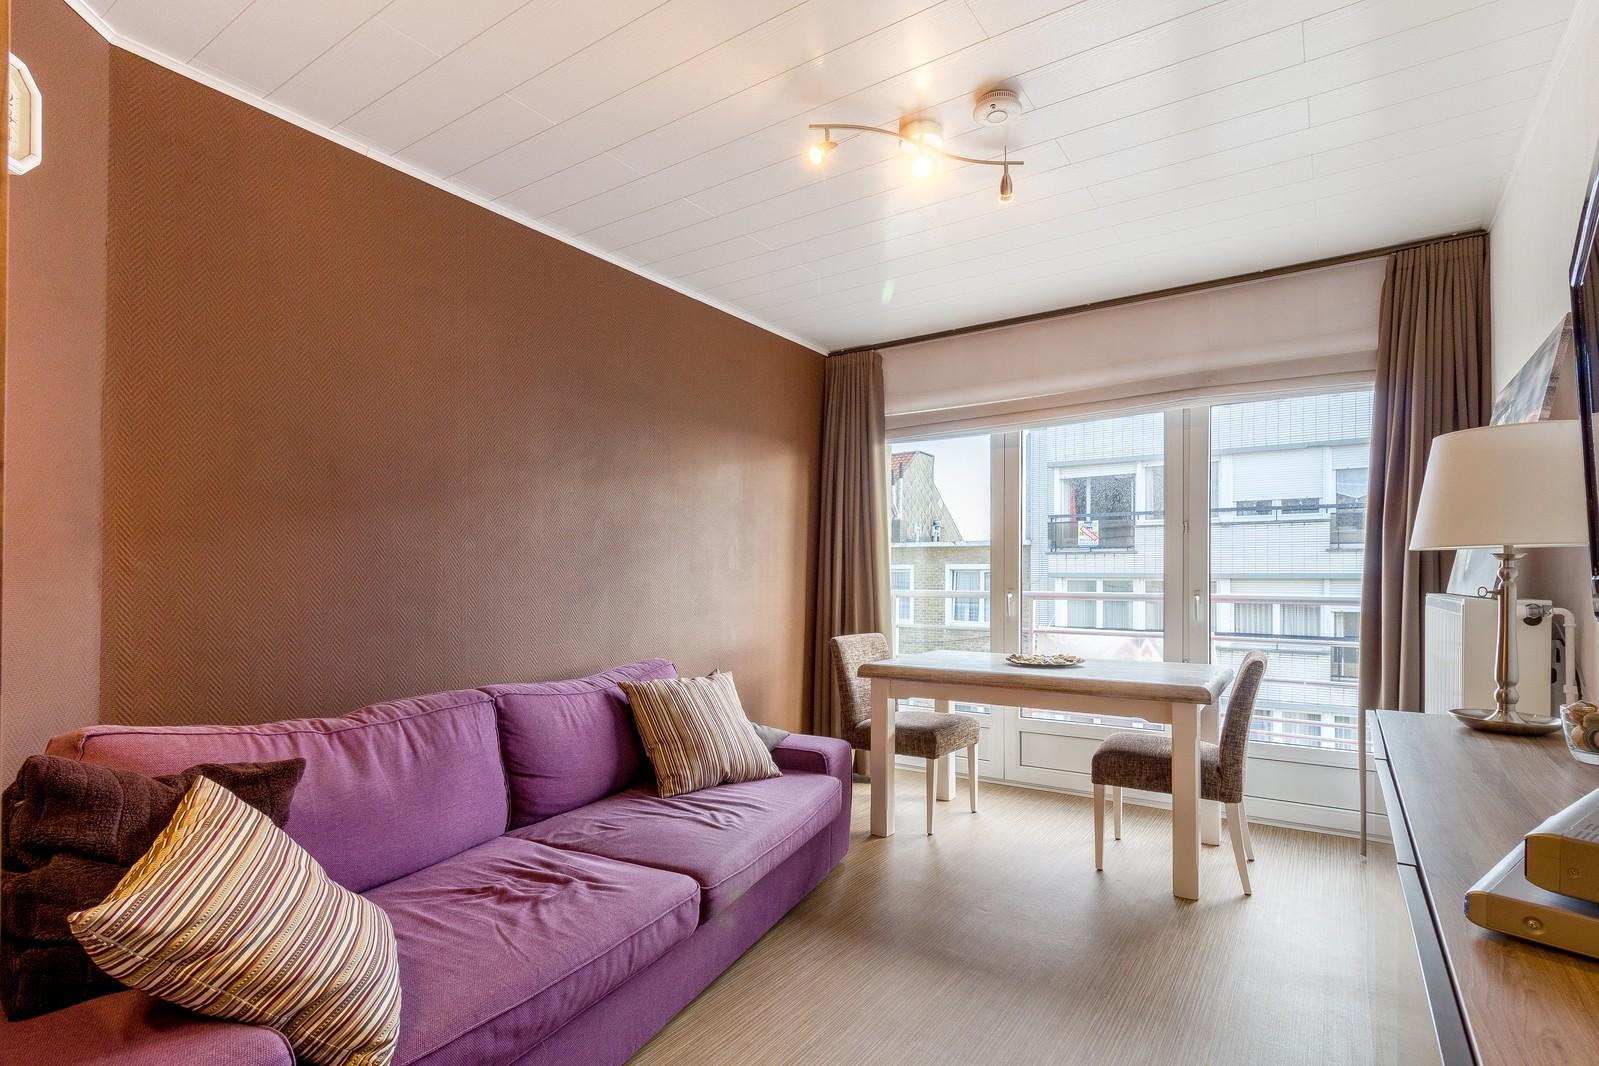 Knus gerenoveerd appartementje op een zucht van het strand